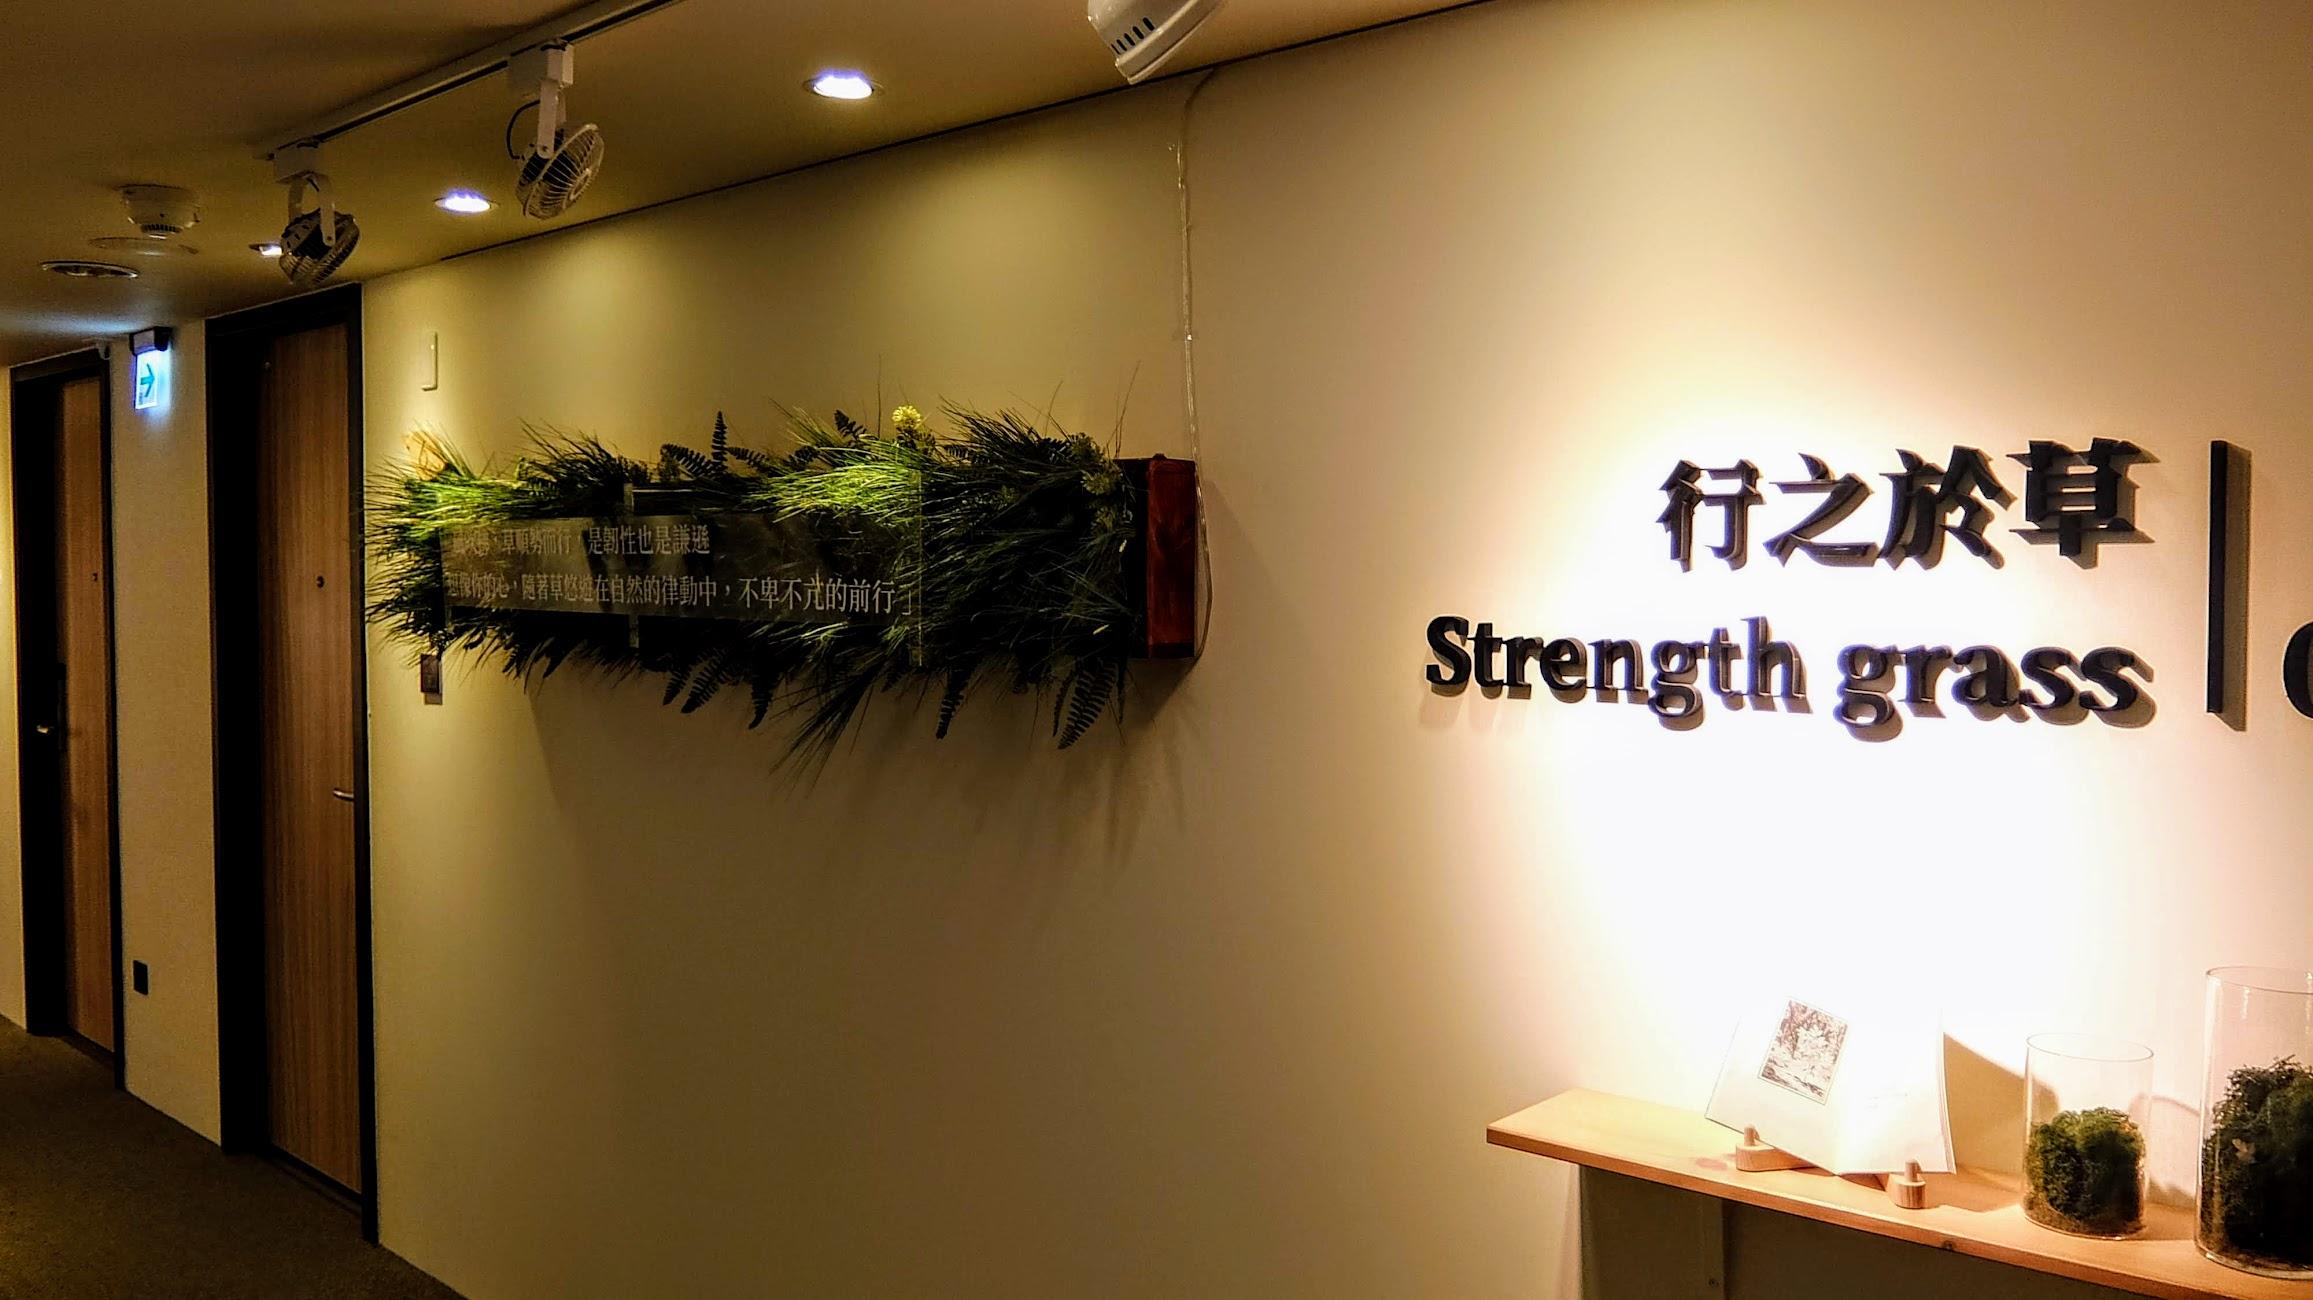 前往房間時,牆壁與字眼都呈現草/自然等字樣..